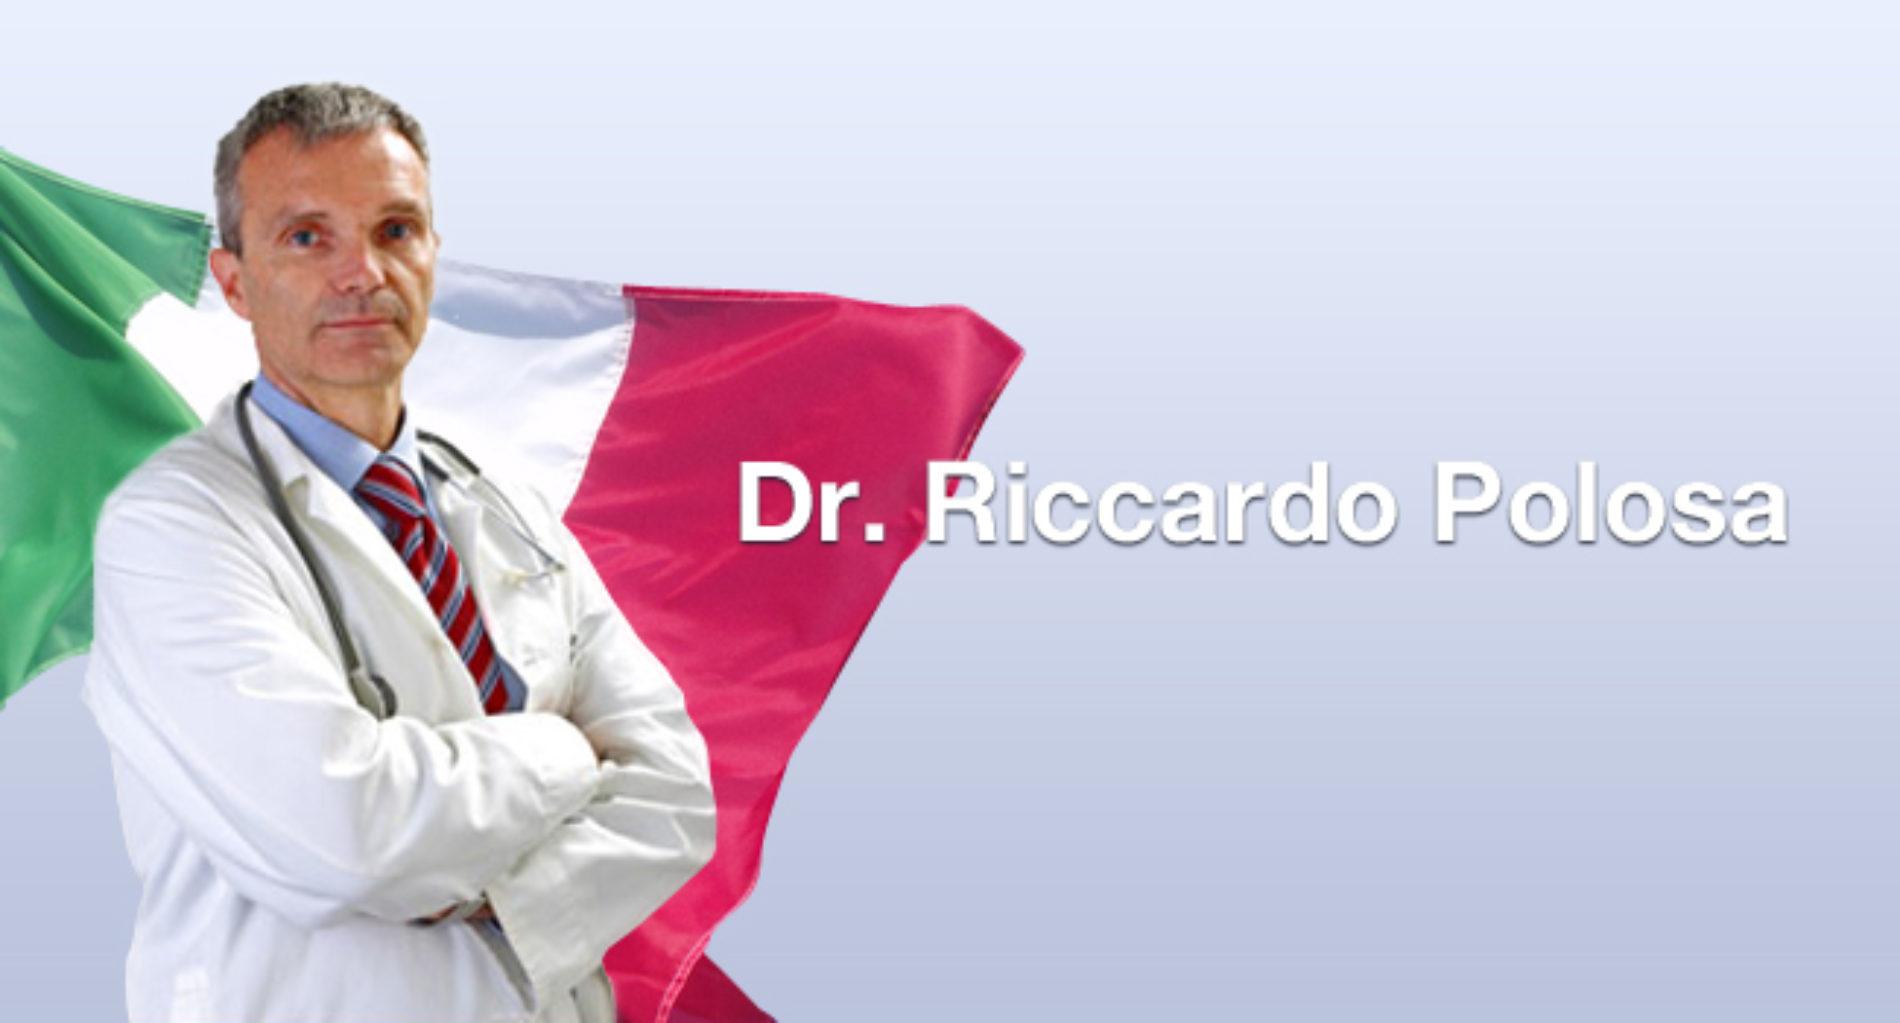 ll prof. Riccardo Polosa risponde. Sigaretta elettronica, sicurezza e salute.